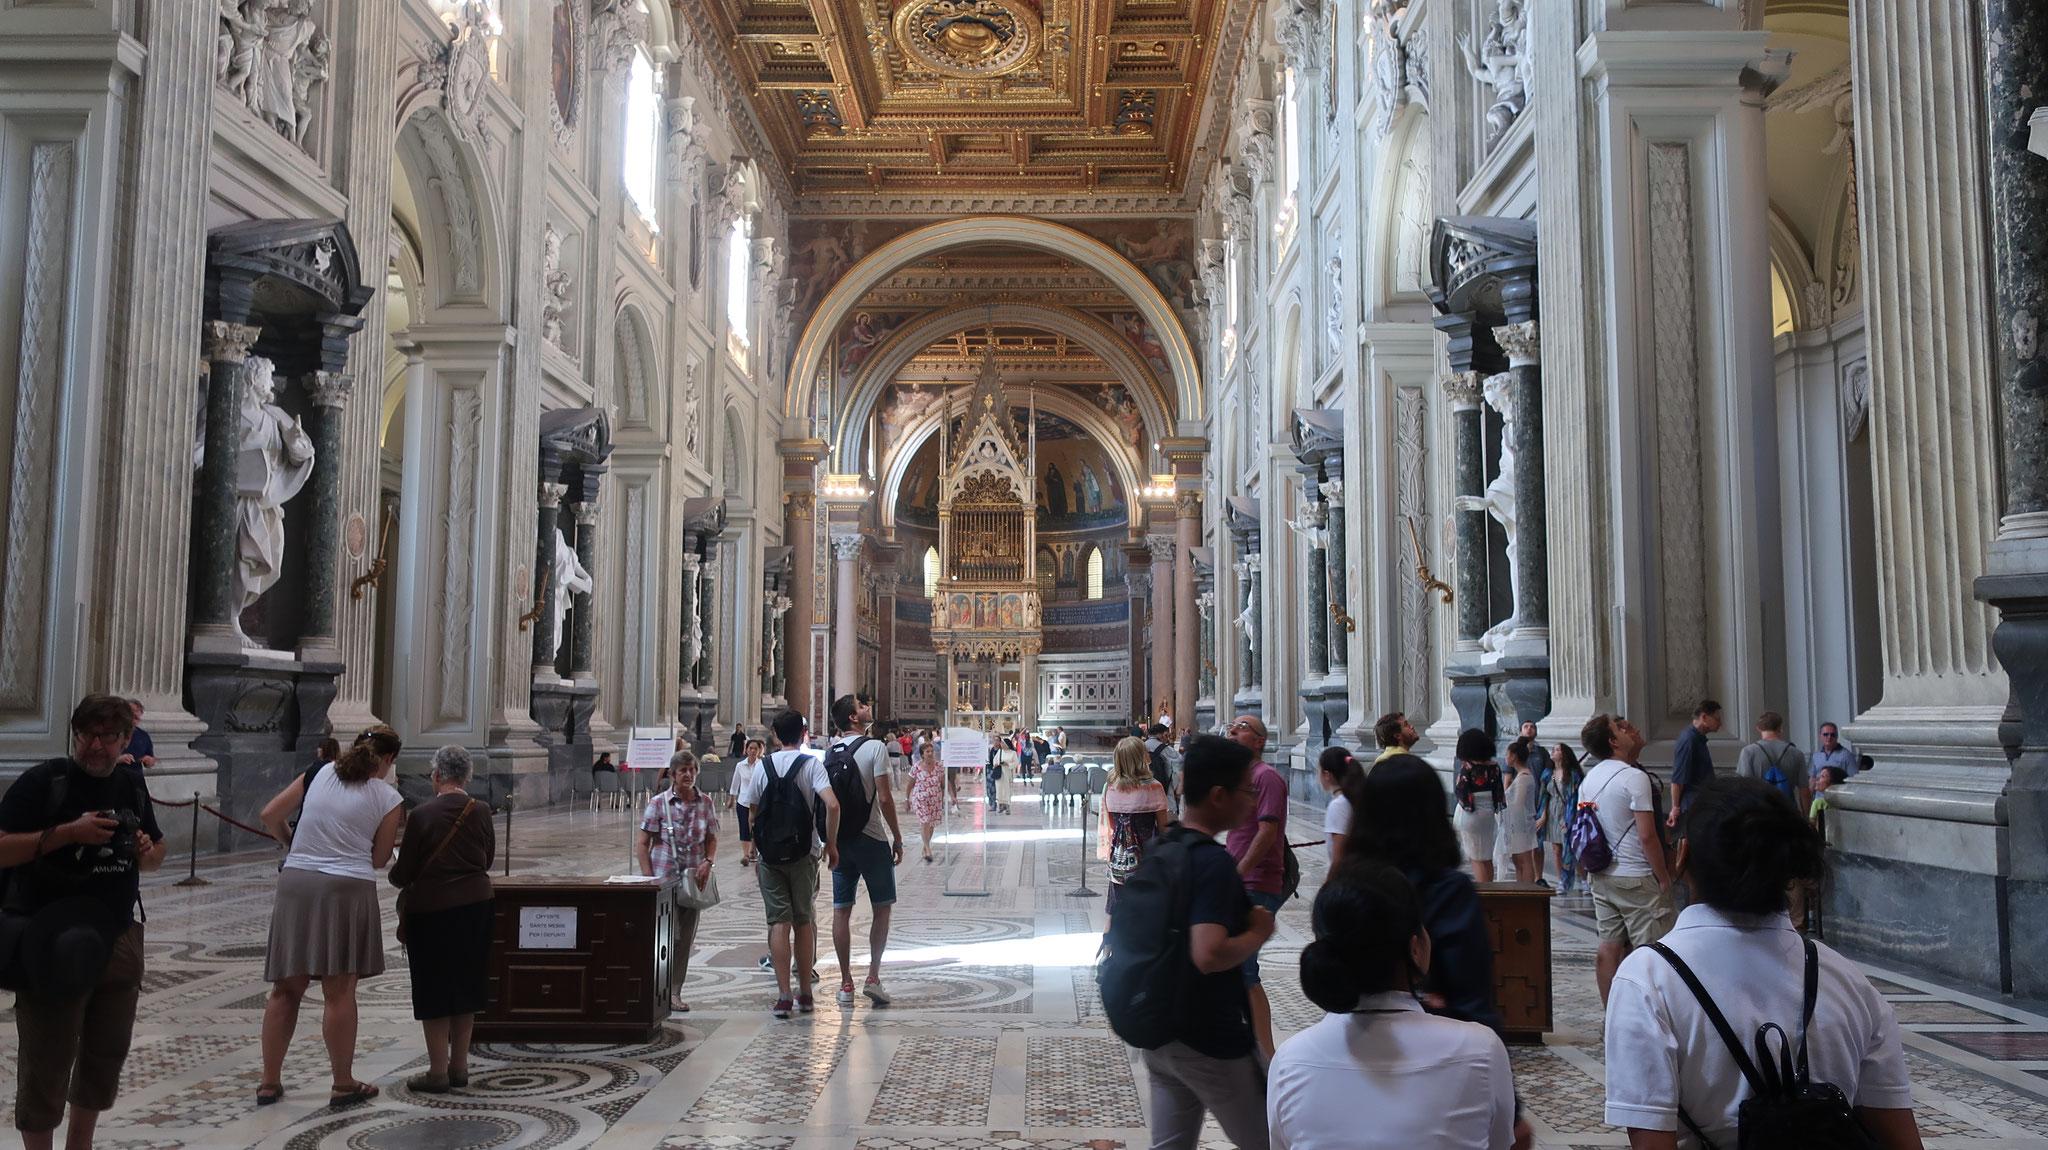 17世紀、イノケンティゥス10世が、バロックの代表的建築家フランチェスコ・ボッロミーニに命じて大修復を行いました。